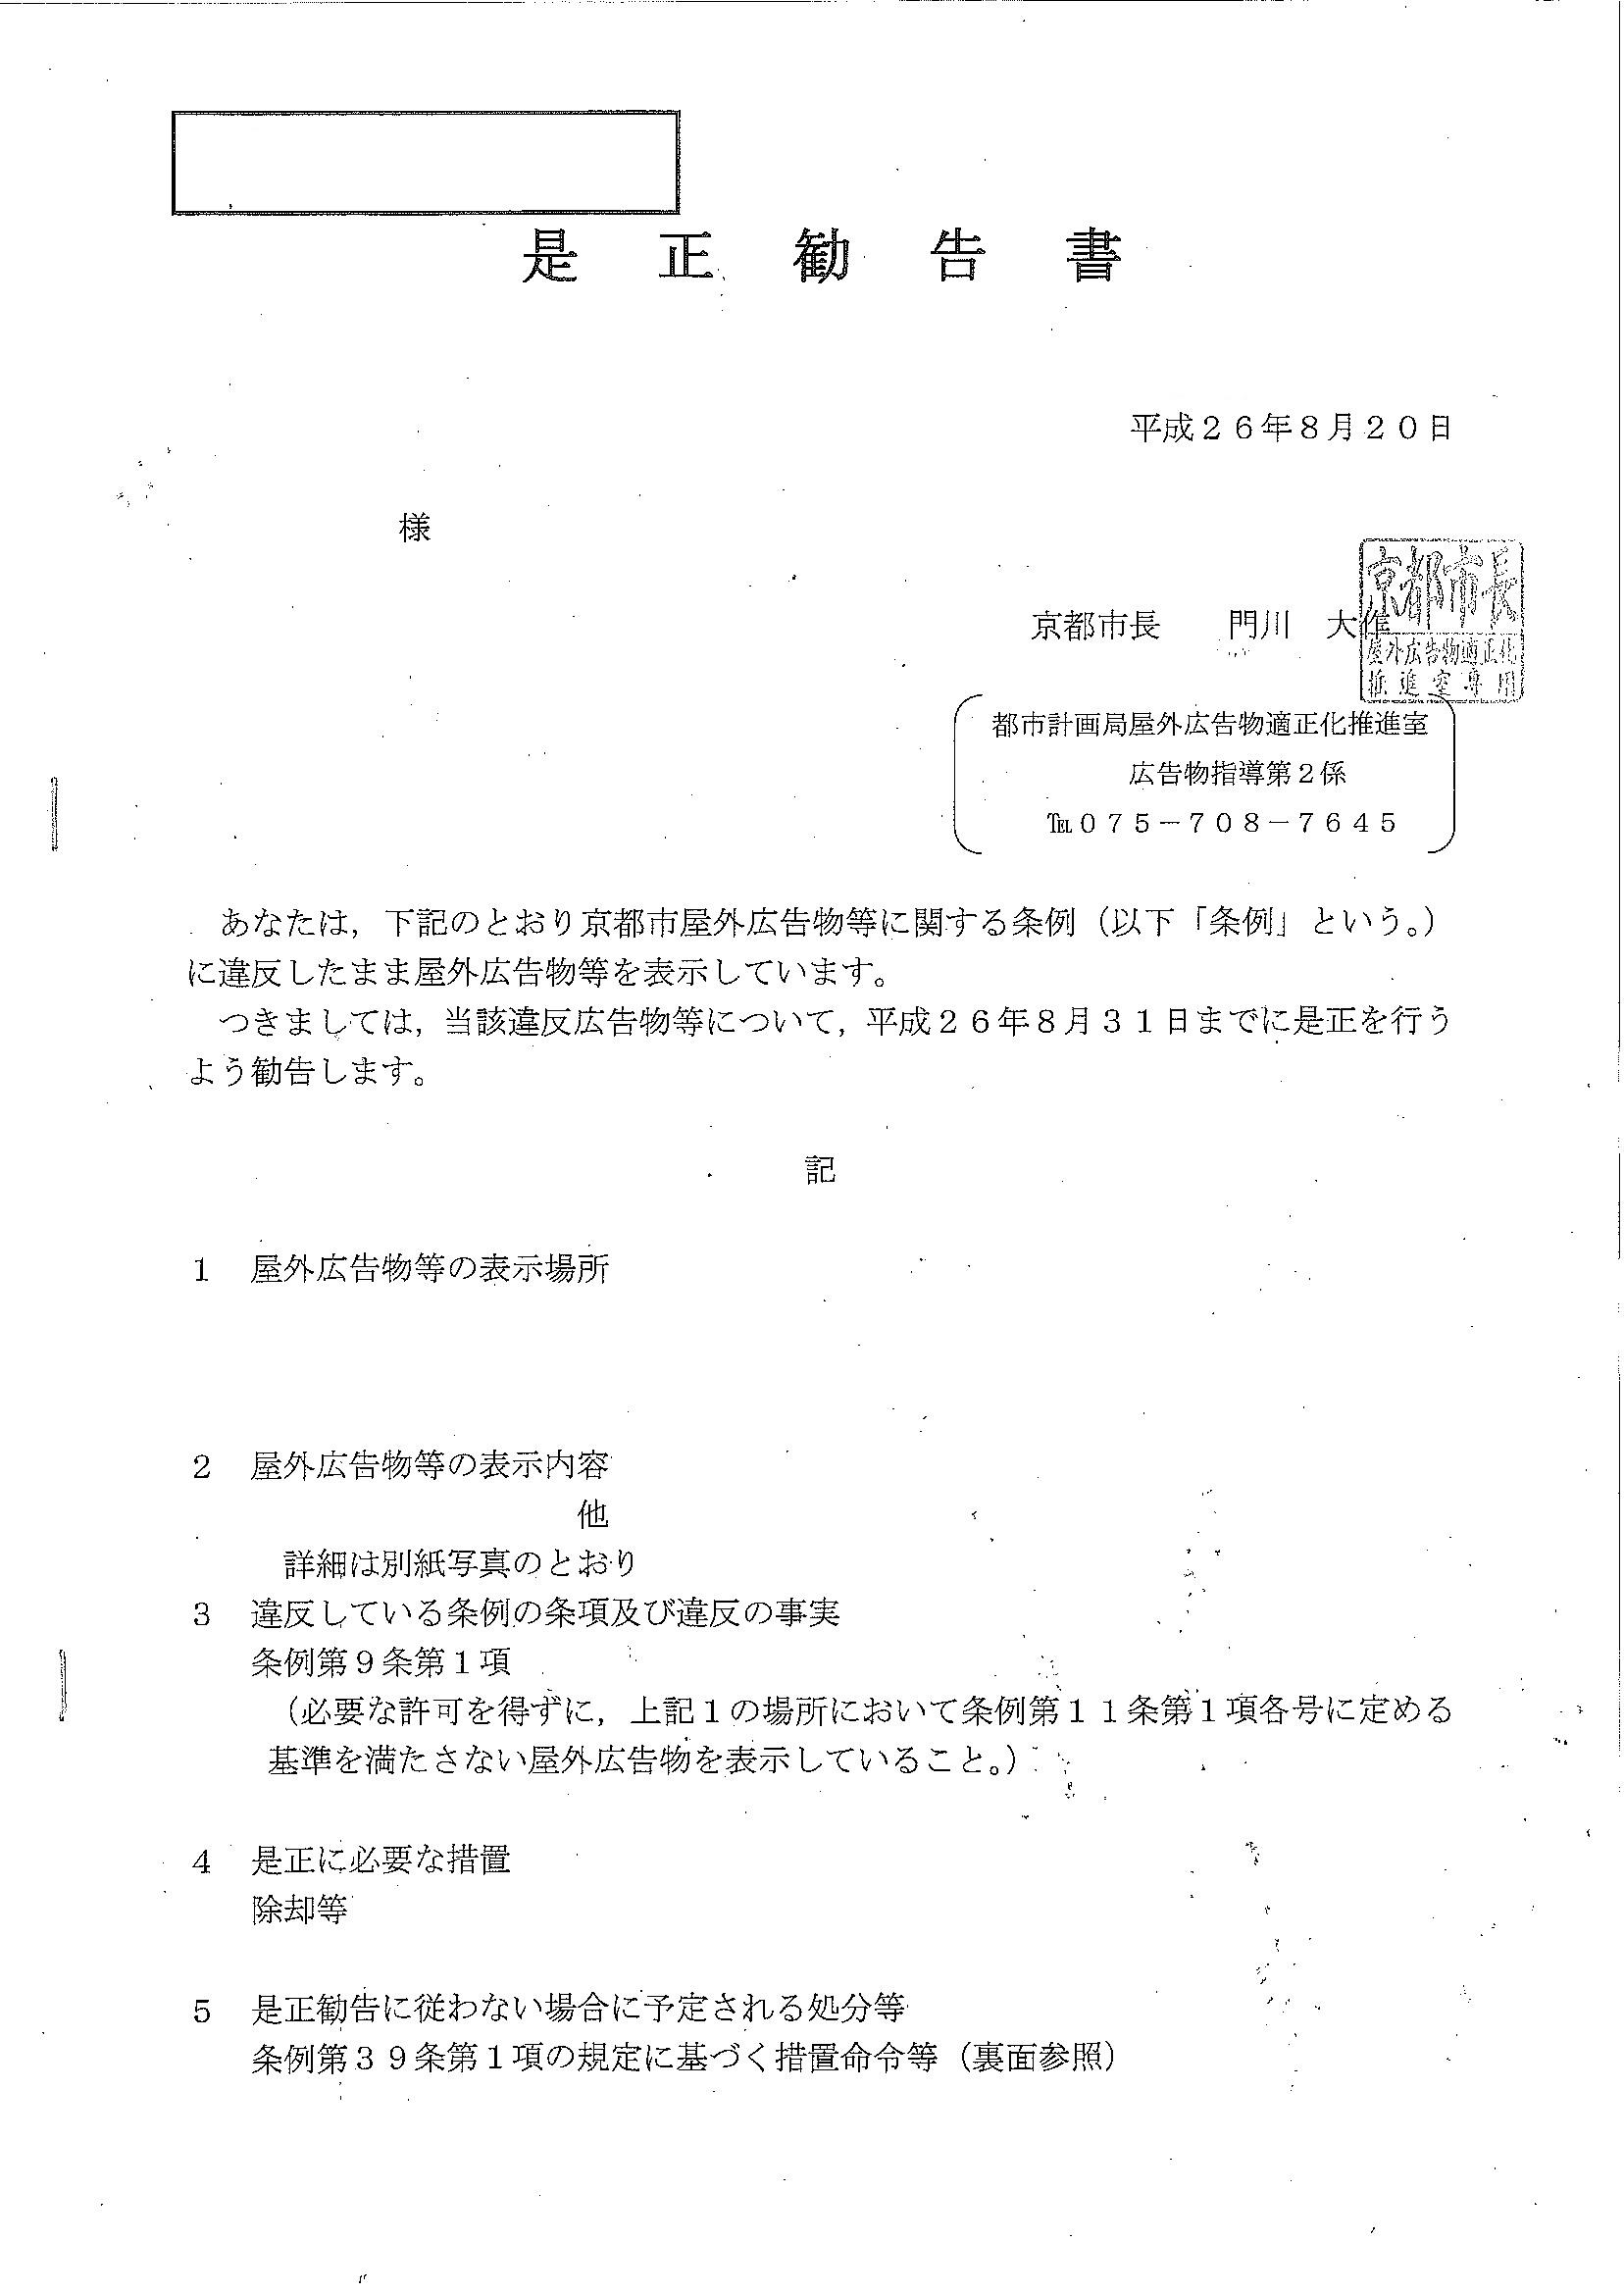 景観条例 京都市から是正勧告書...